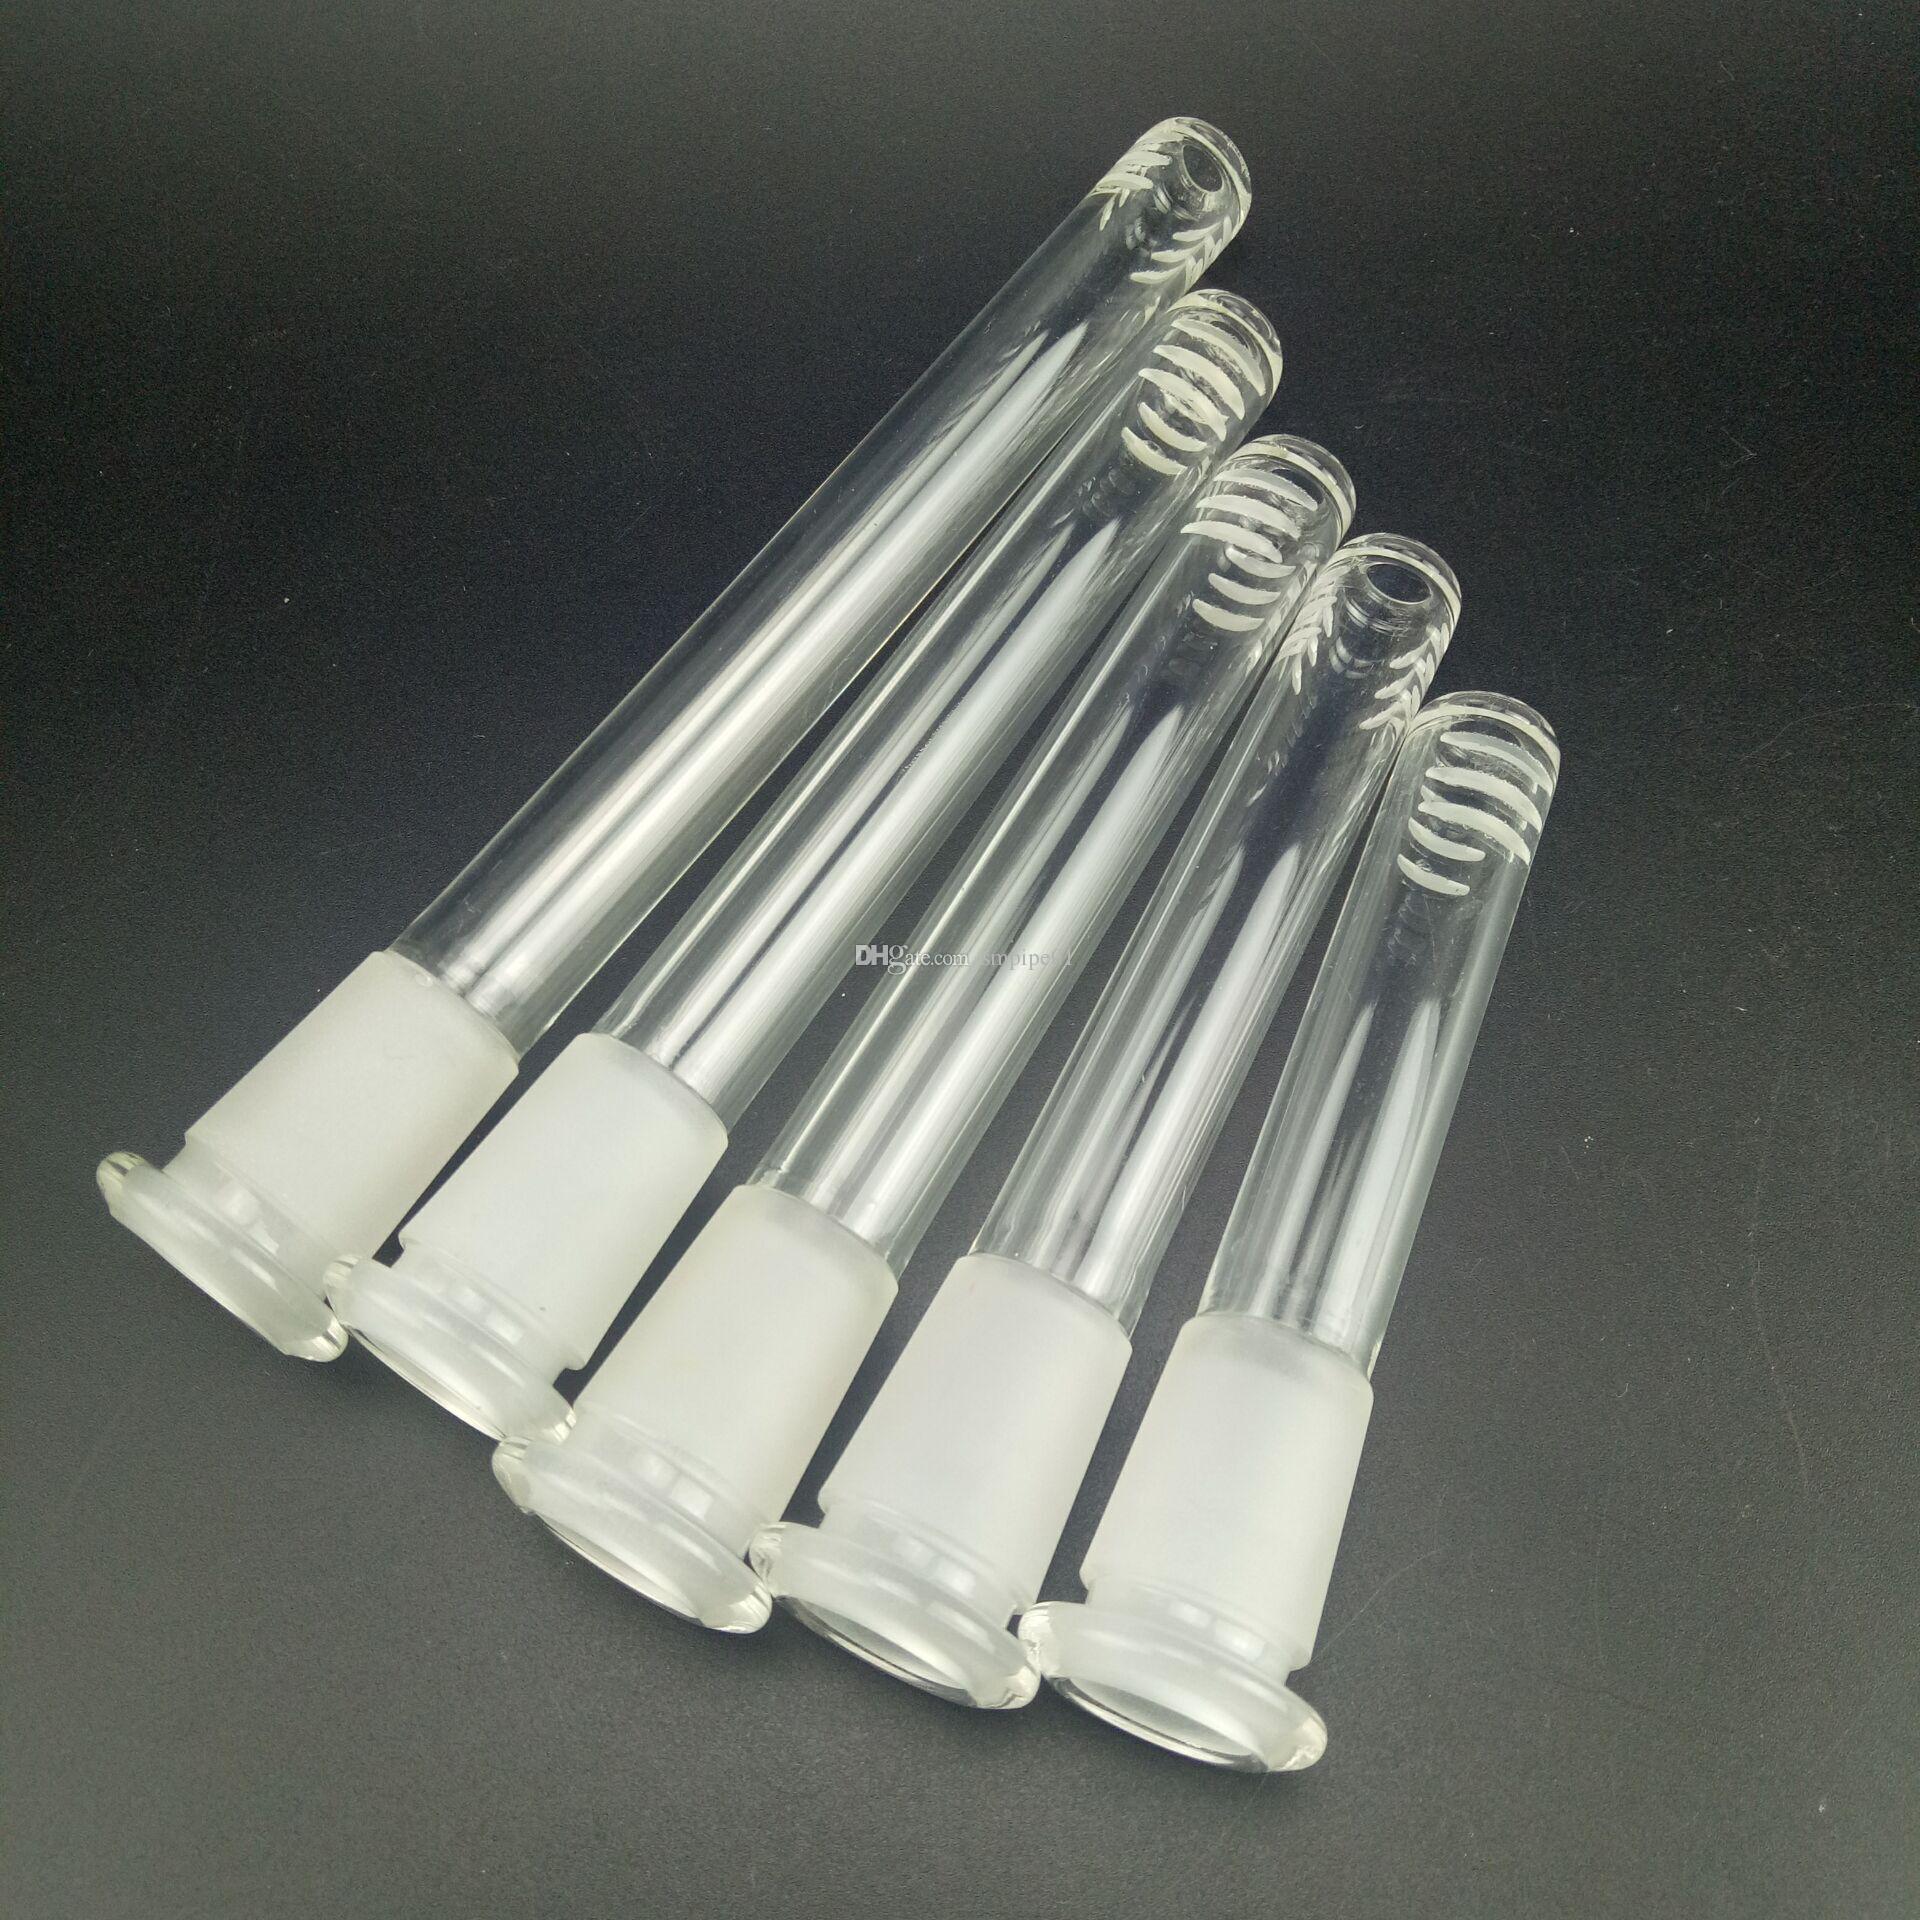 Cam nargile aksesuarları Beş uzunluk isteğe bağlıdır ve basittir. Cam su boru aksesuarları nargile cam boru petrol teçhizatı için uygundur